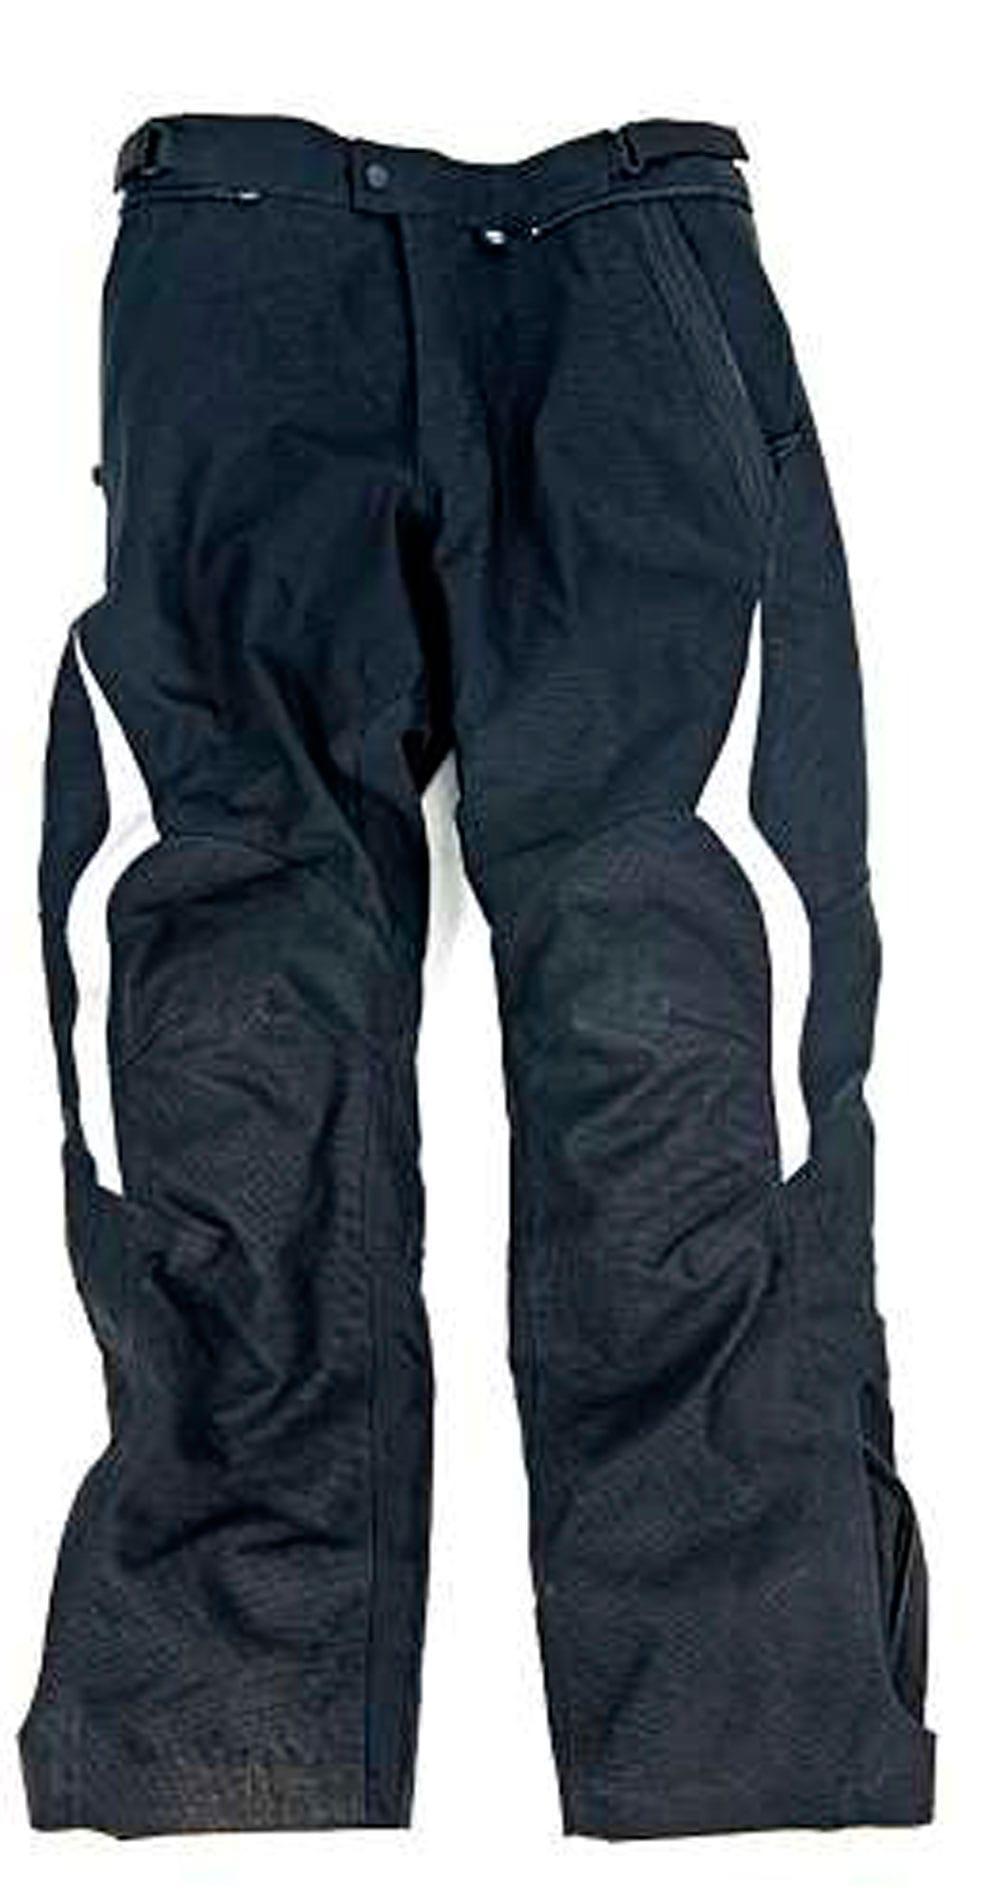 BMW-Street-Guard-3-suit-1